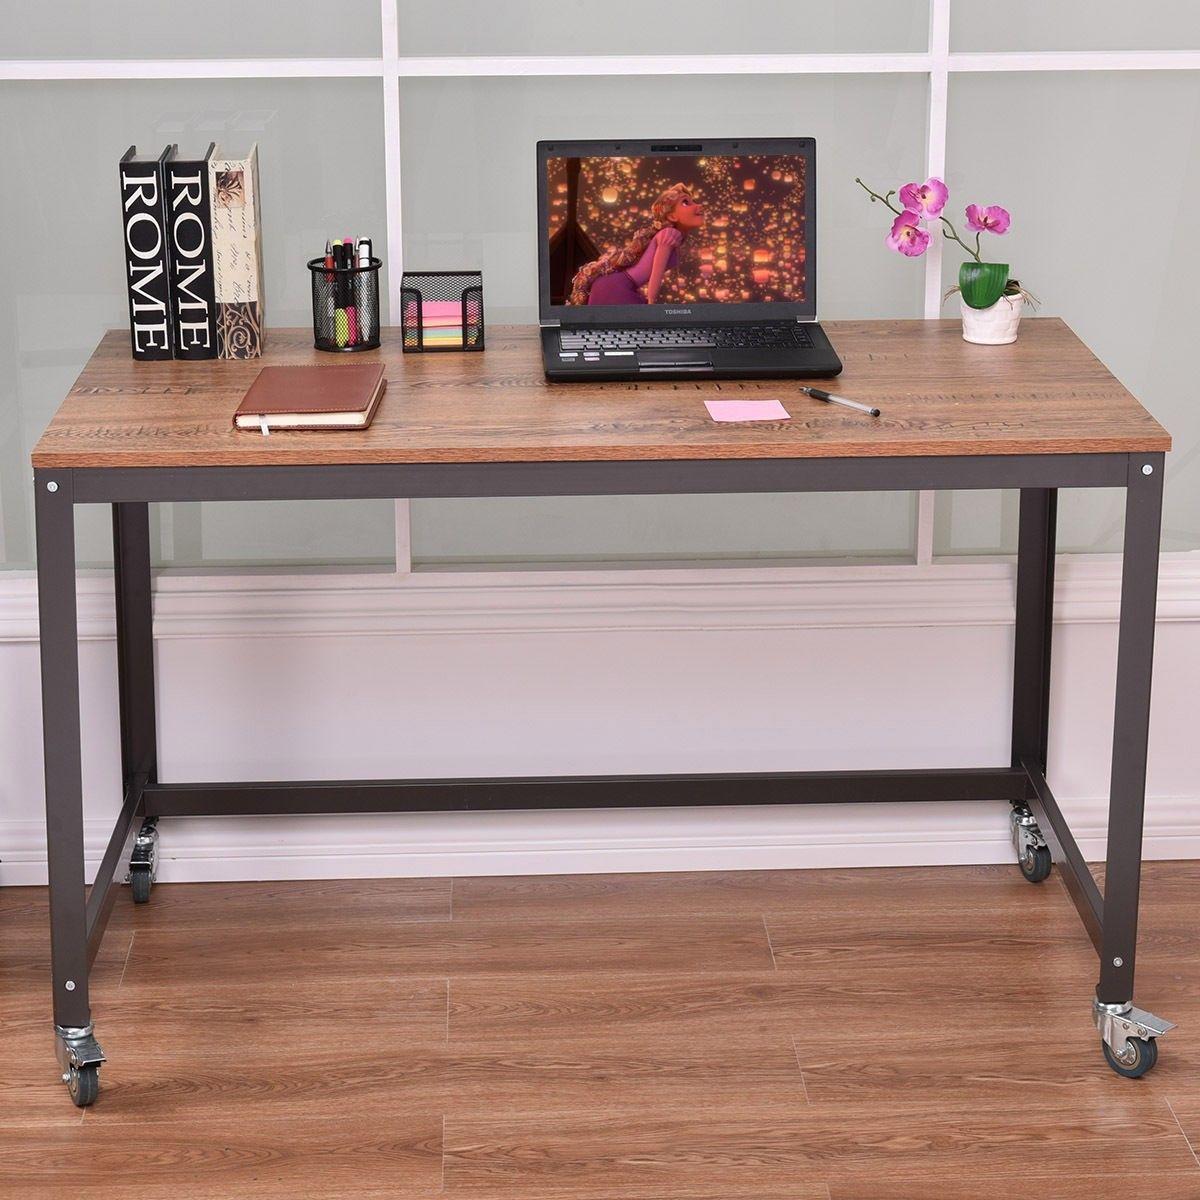 Wood Top Metal Frame Rolling Computer Desk Laptop Table Cheap Office Furniture Metal Desks Desk Metal Frame